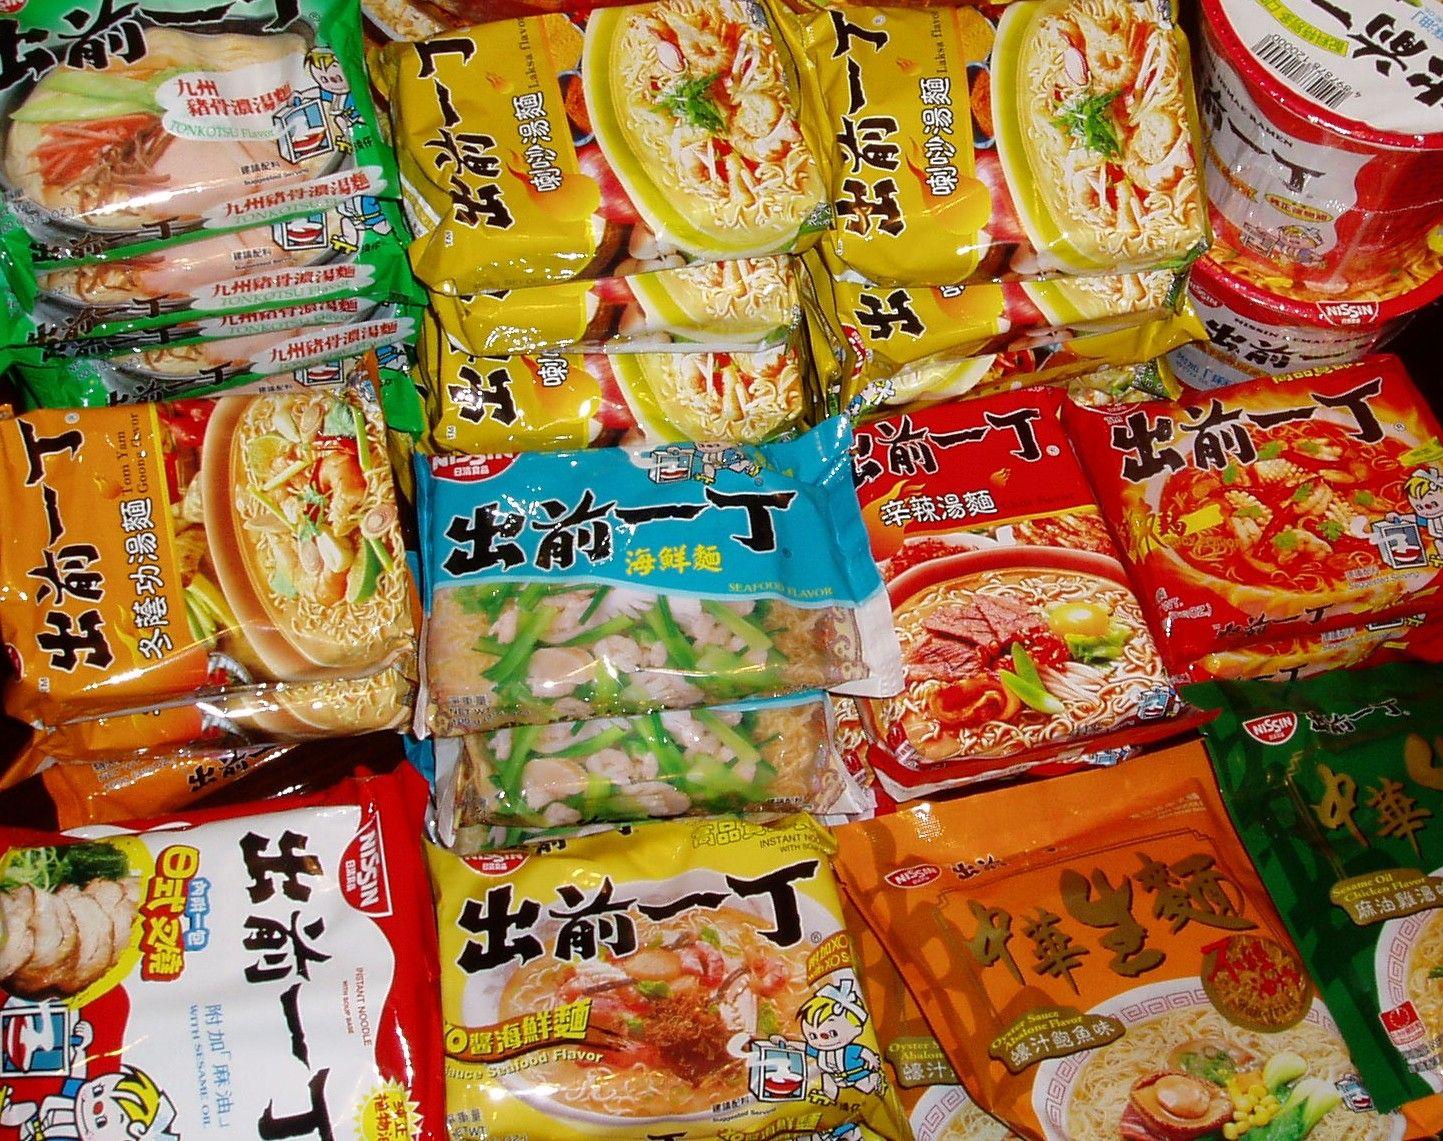 Ramen noodle packages